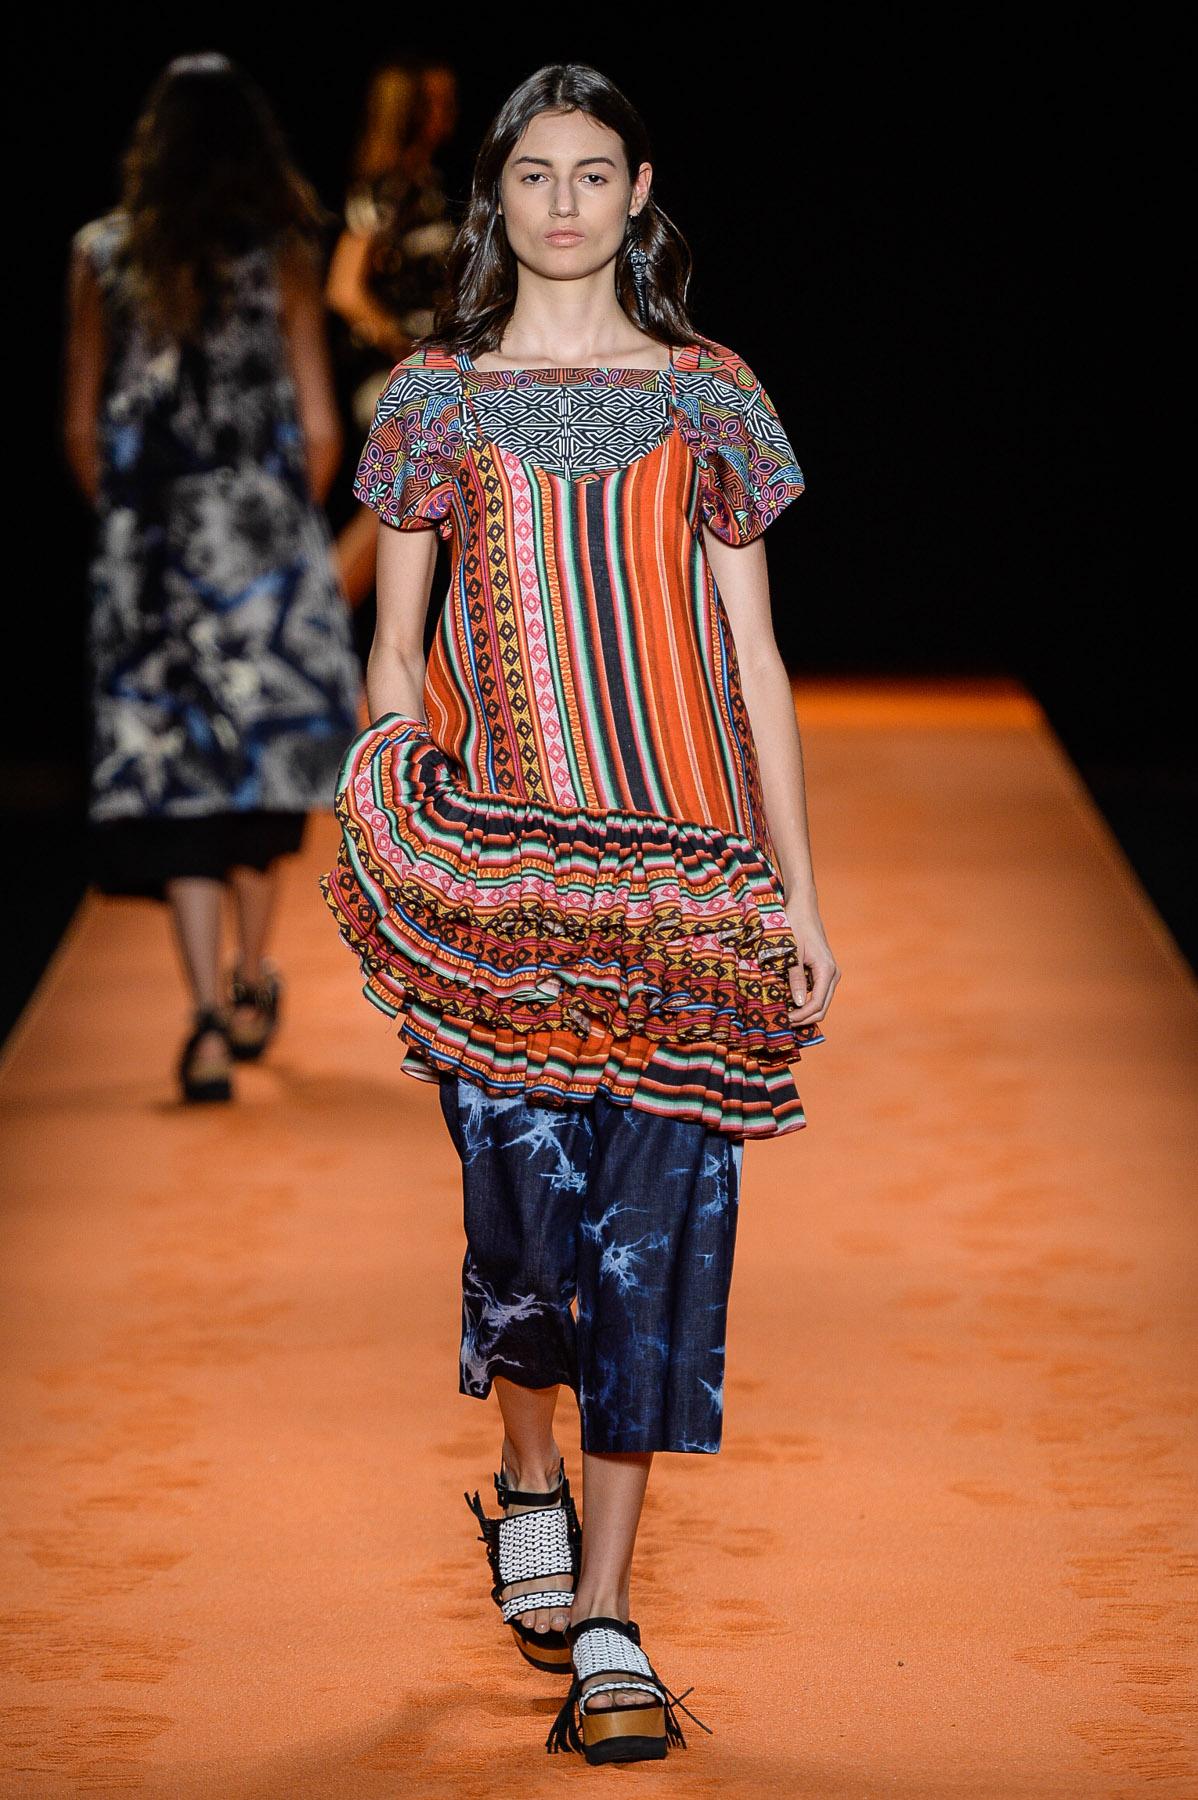 Coleção // Oh Boy, Fashion Rio, Verão 2015 RTW // Desfiles ...